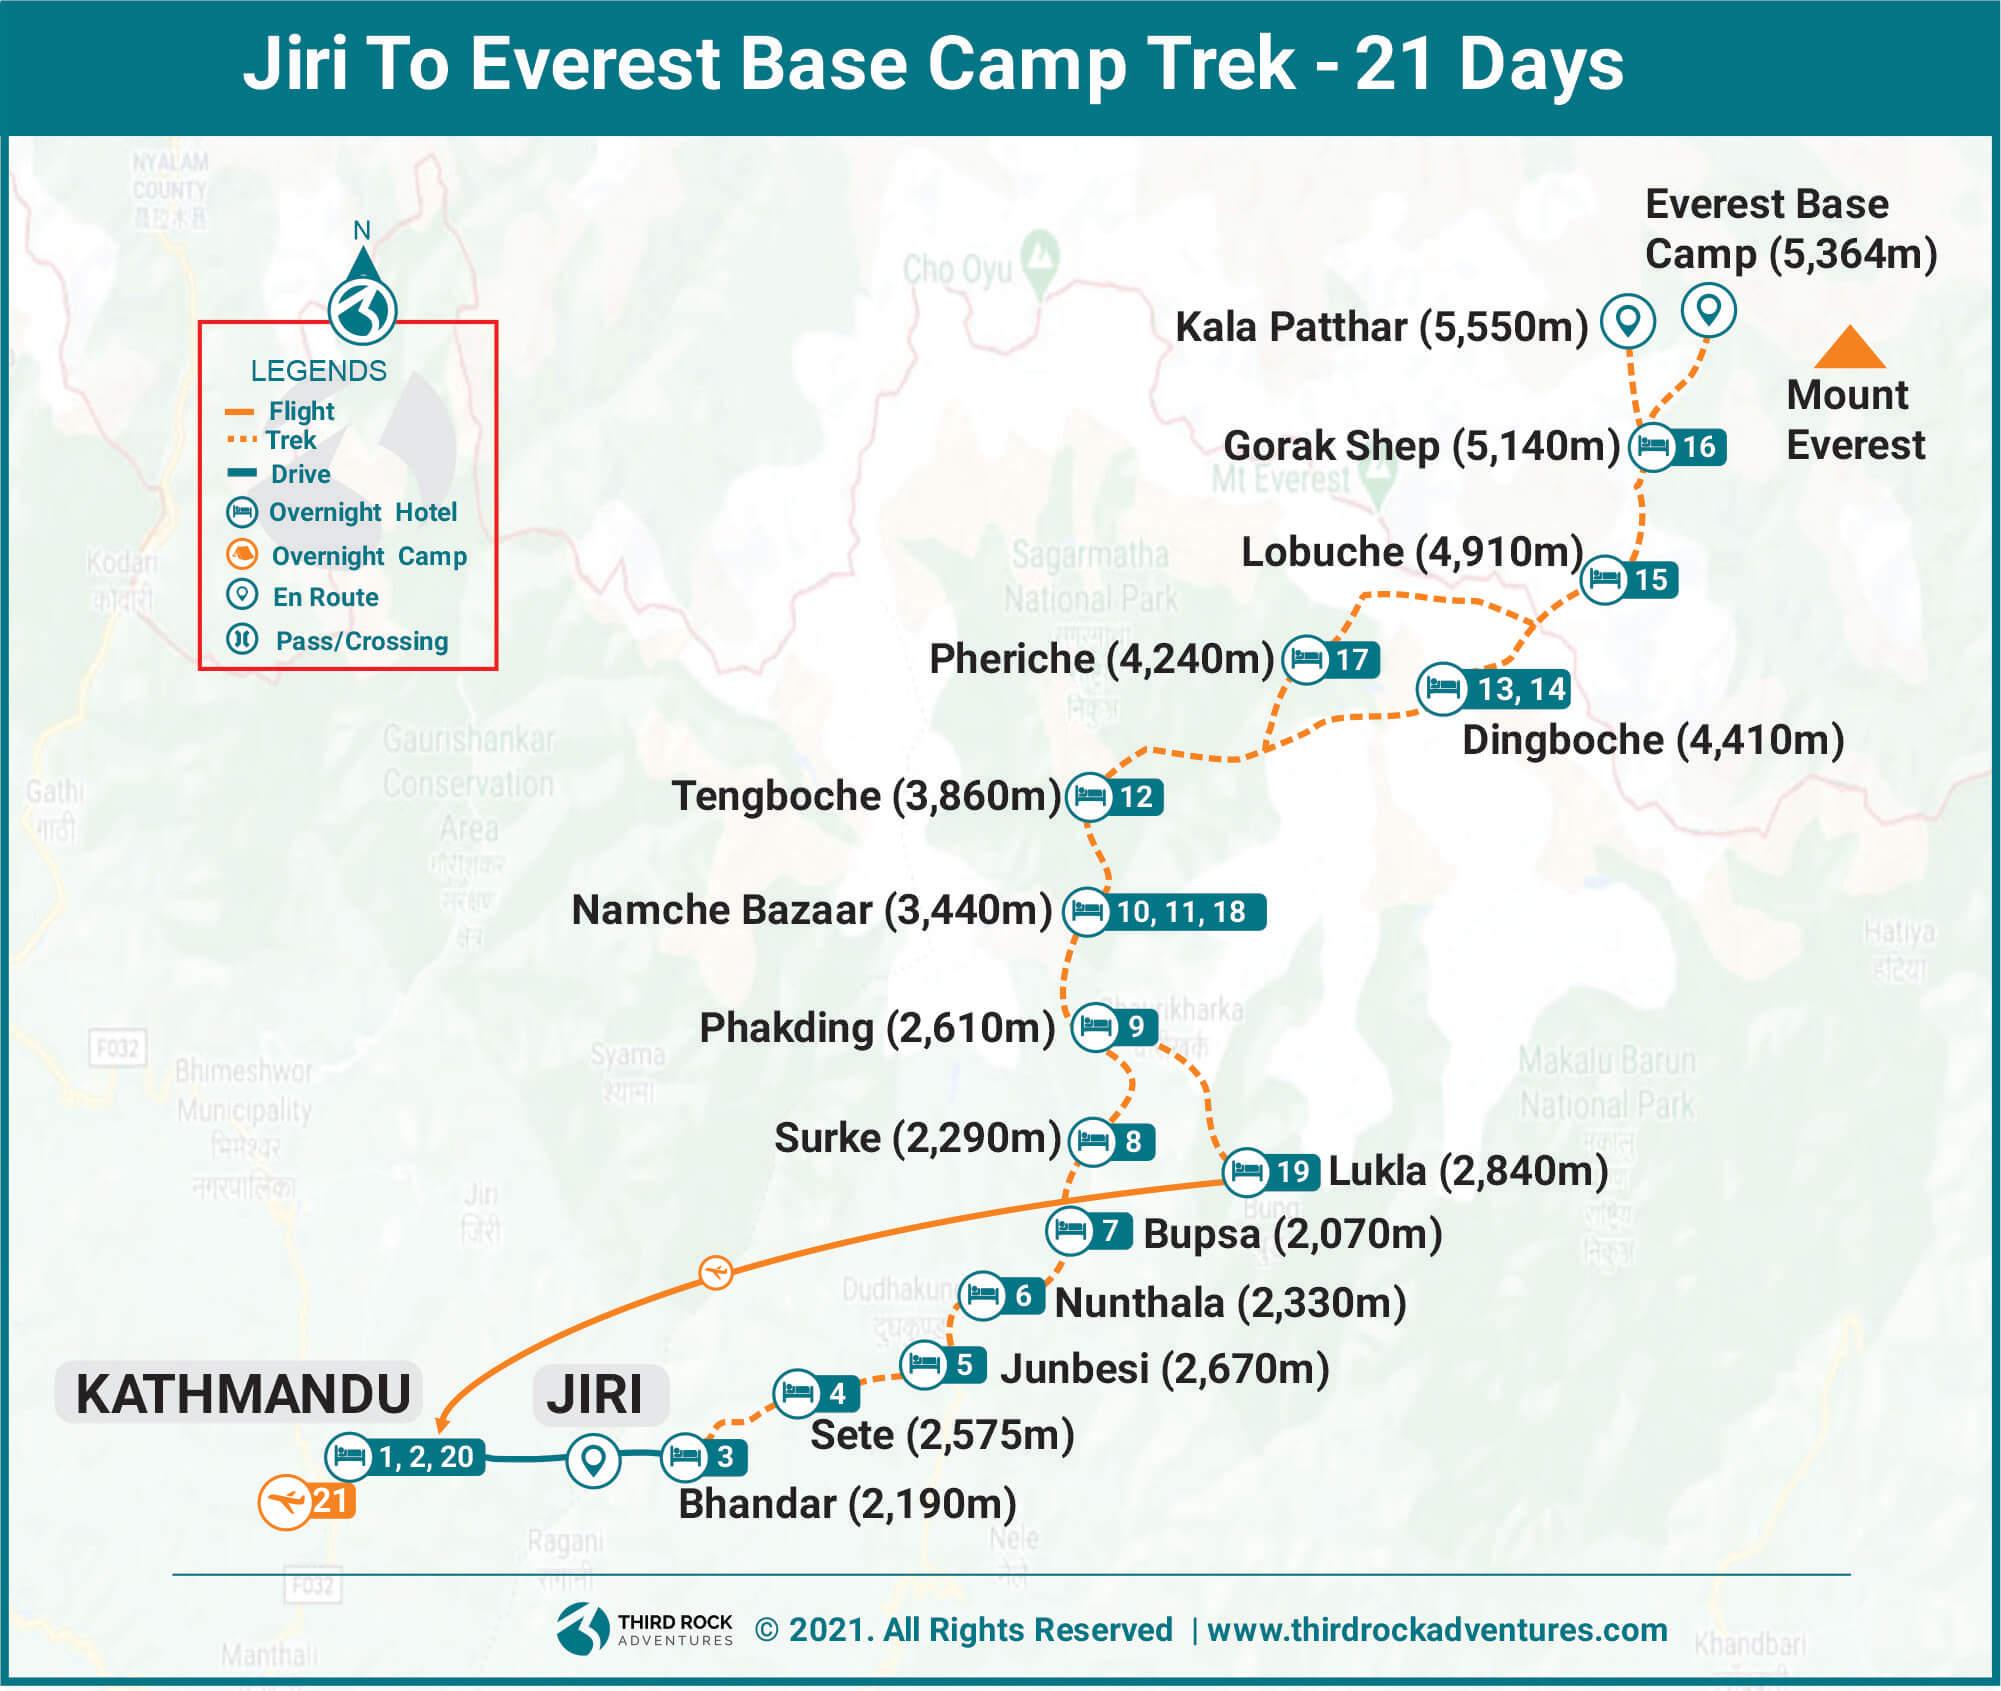 Jiri to Everest Base Camp Trek Route Map